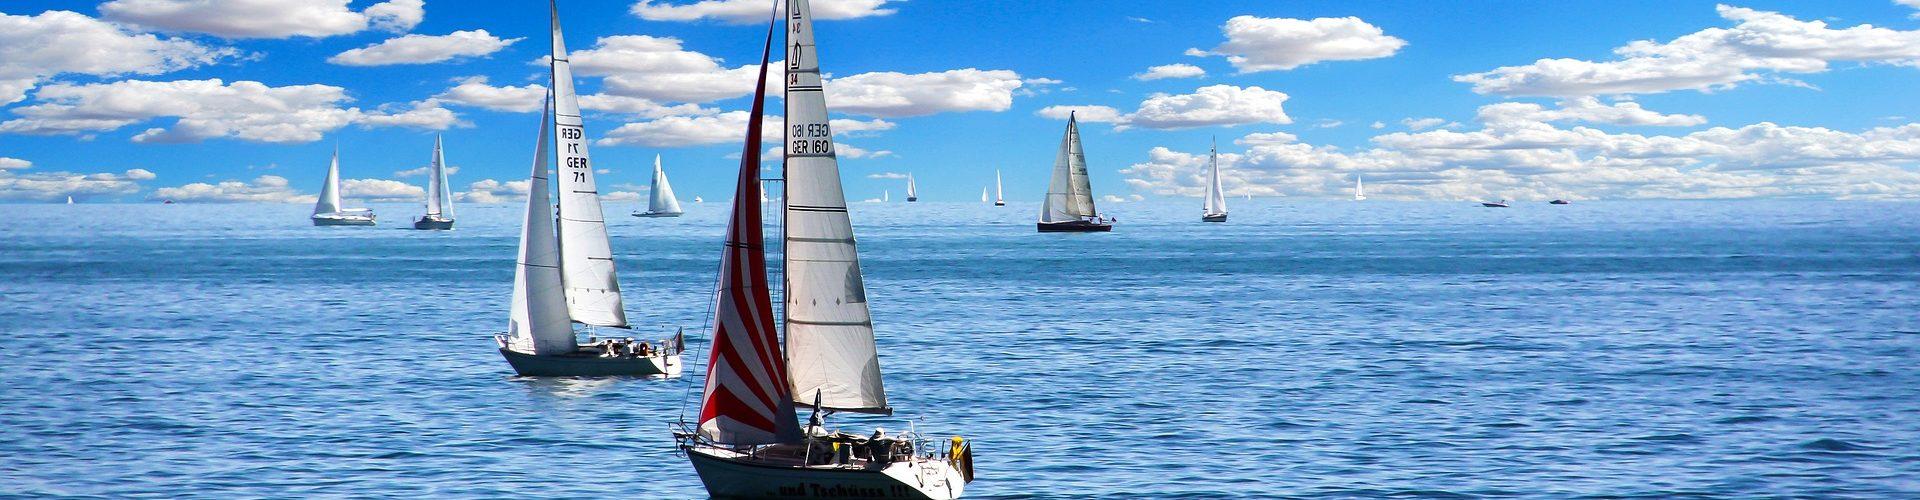 segeln lernen in Bramsche segelschein machen in Bramsche 1920x500 - Segeln lernen in Bramsche